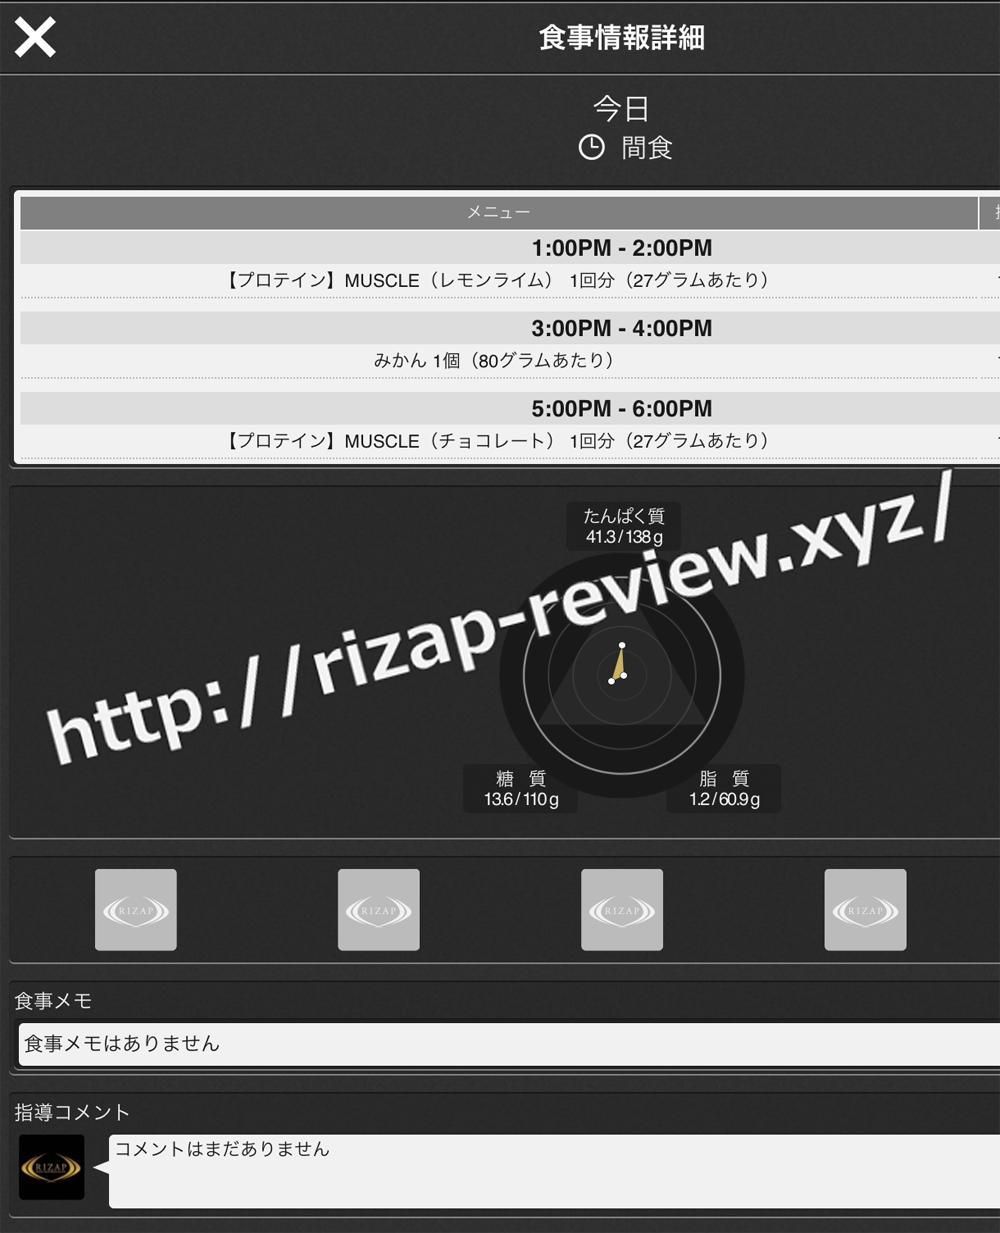 2018.12.22(土)ライザップ流の間食